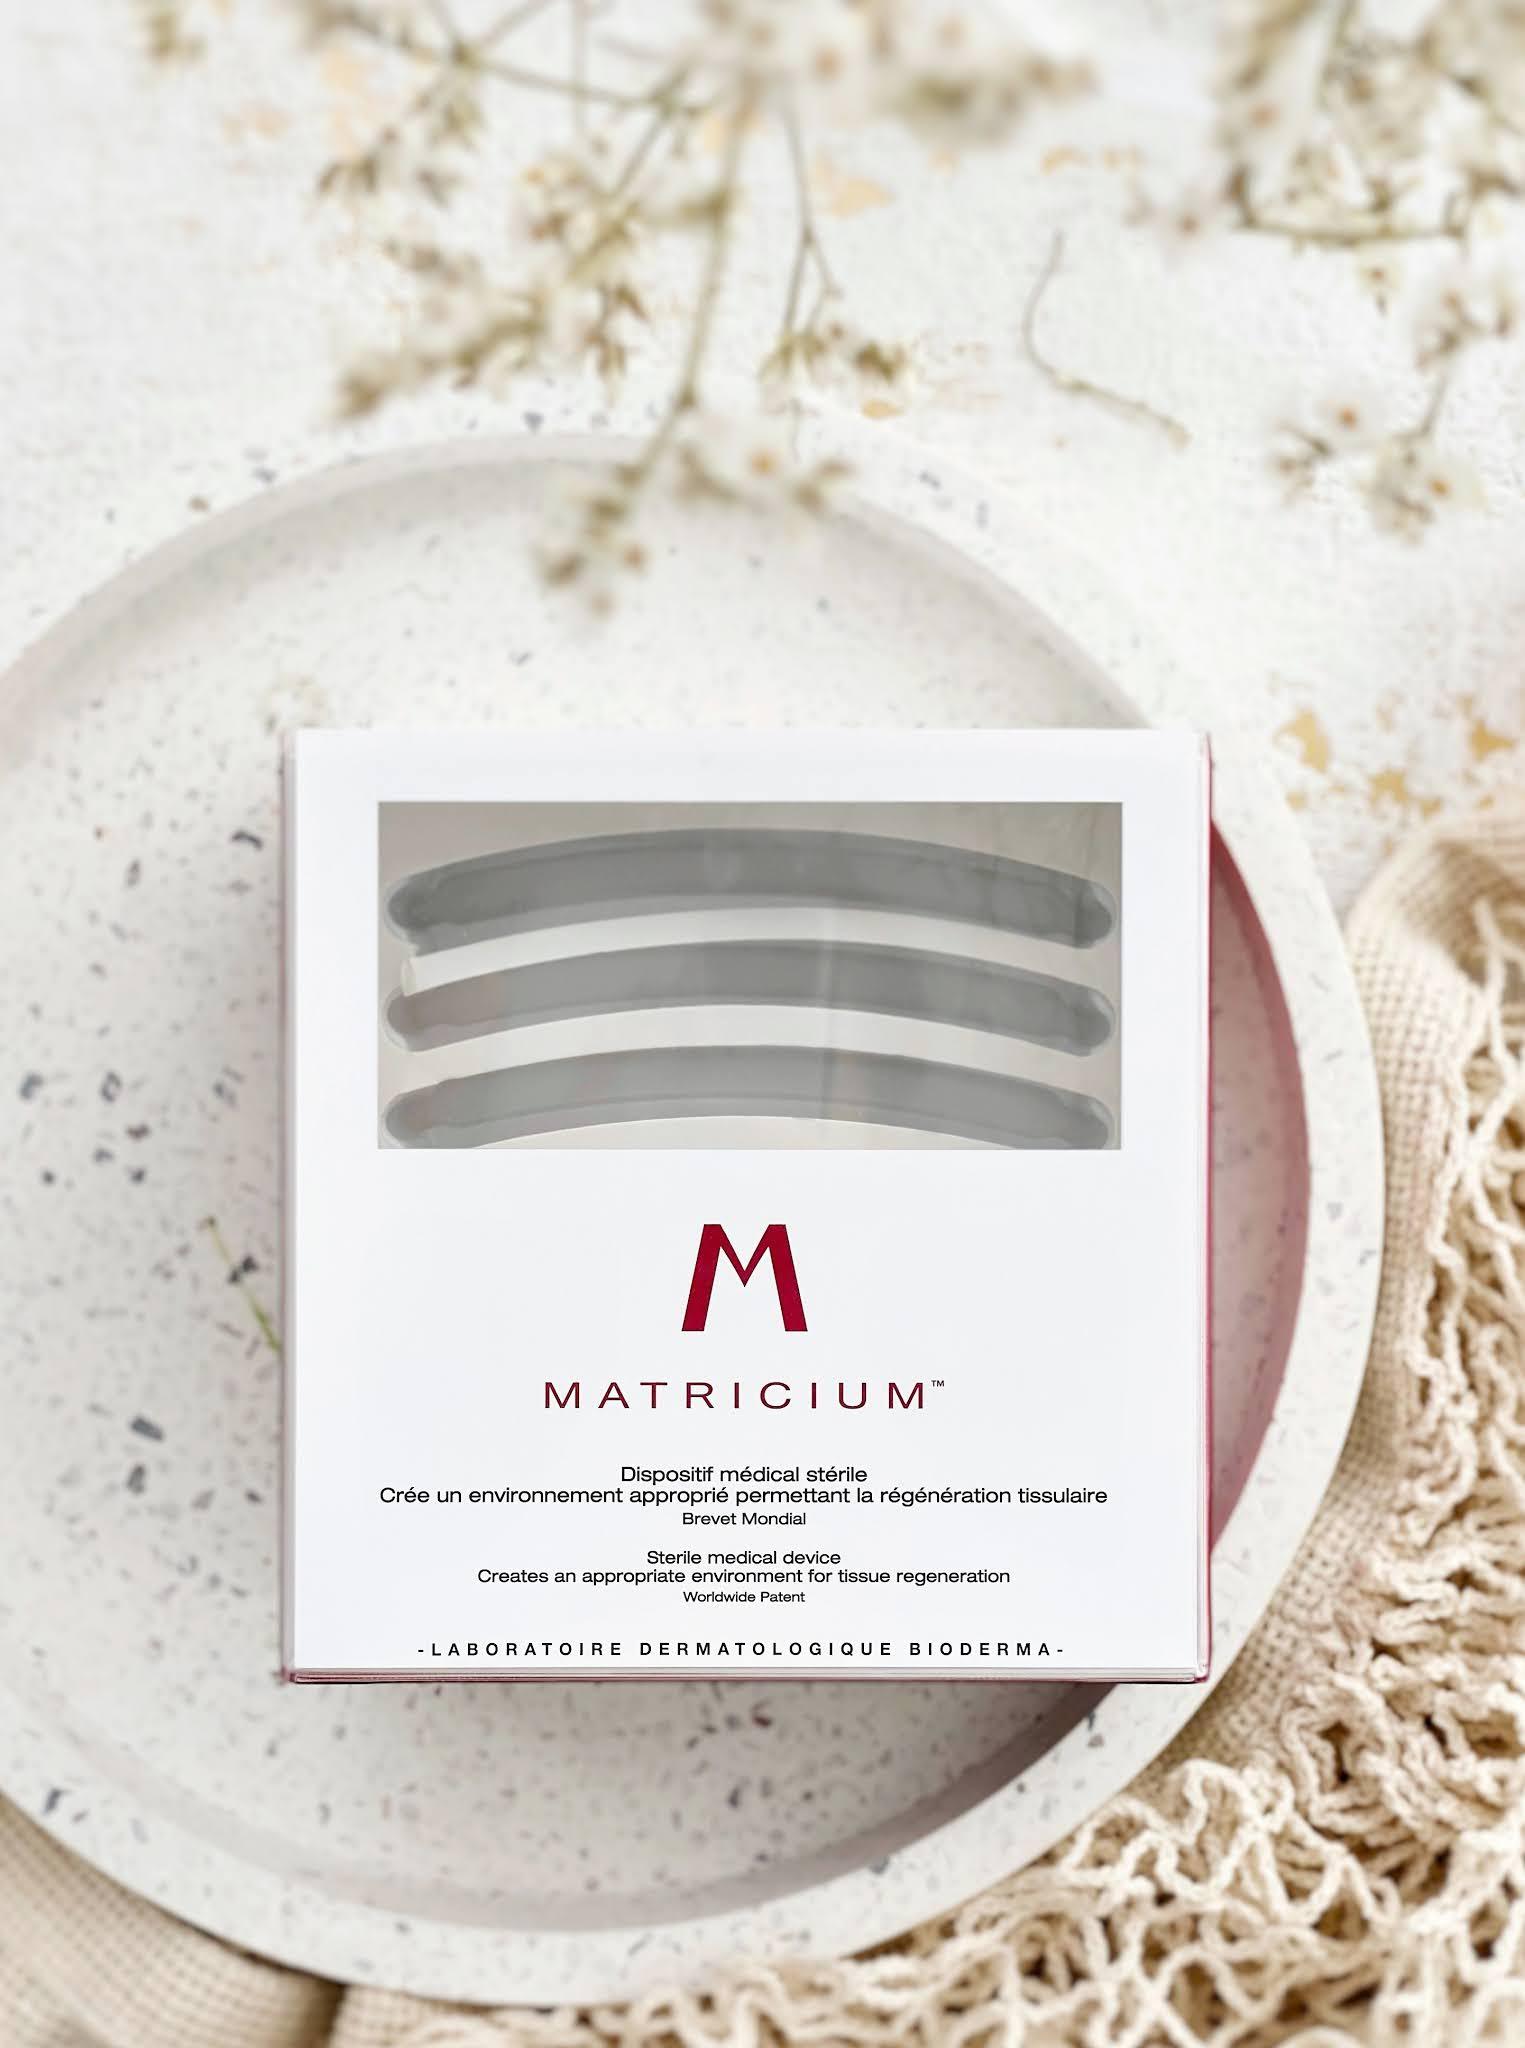 Bioderma-Matricium